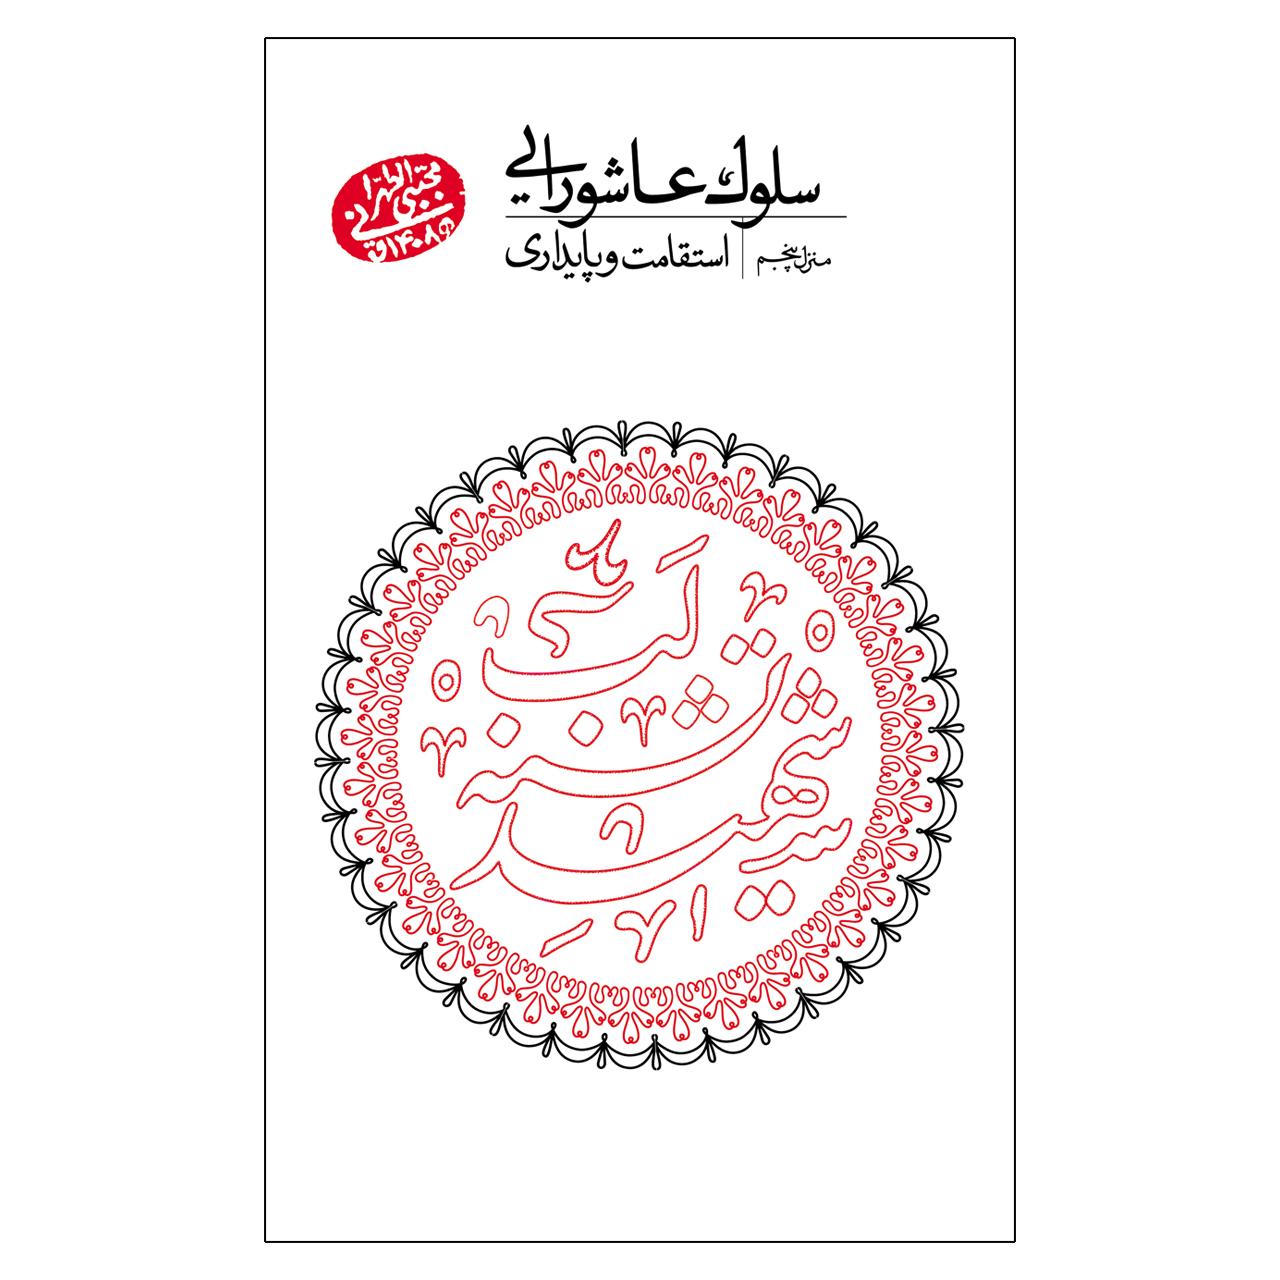 خرید                      کتاب سلوک عاشورایی منزل پنجم اثر مجتبی تهرانی انتشارات مصابیح الهدی